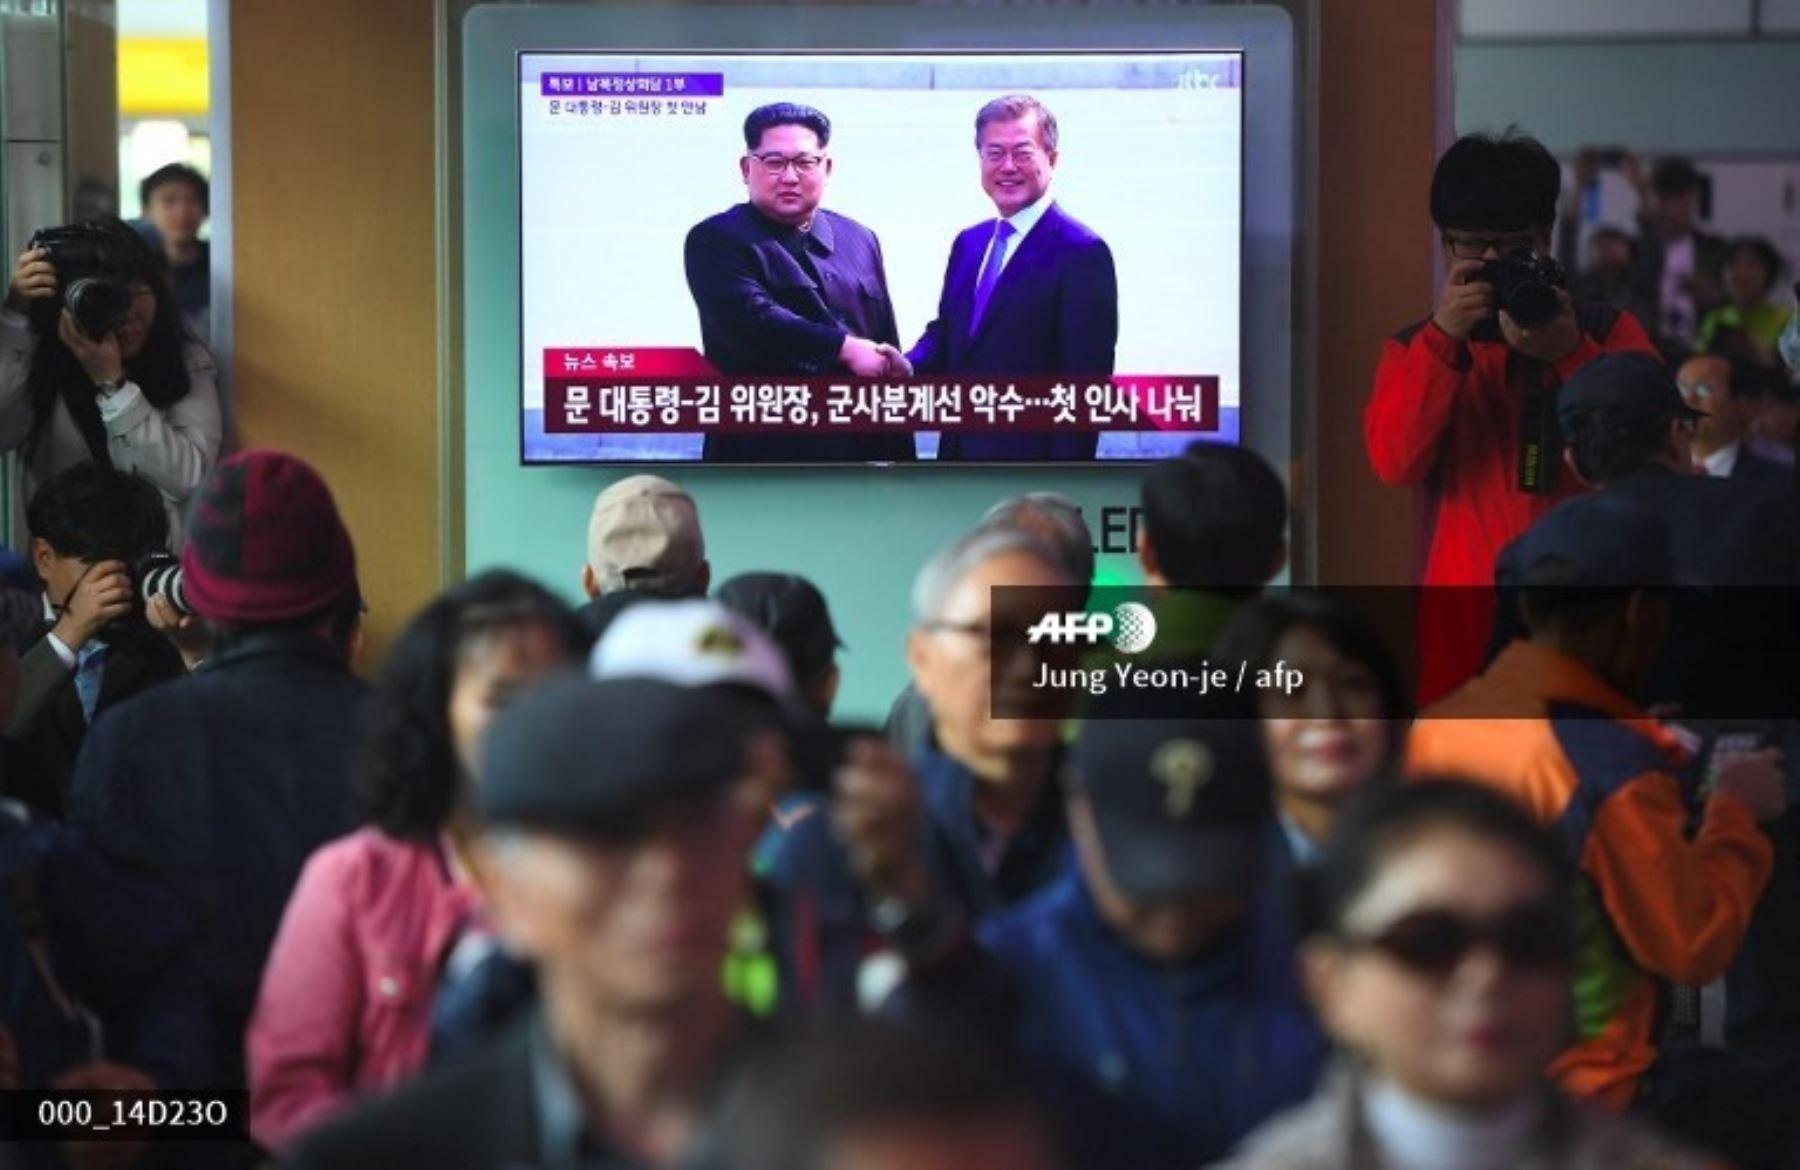 Presidentes de Corea del Sur y Corea del Norte se sostienen histórico encuentro.